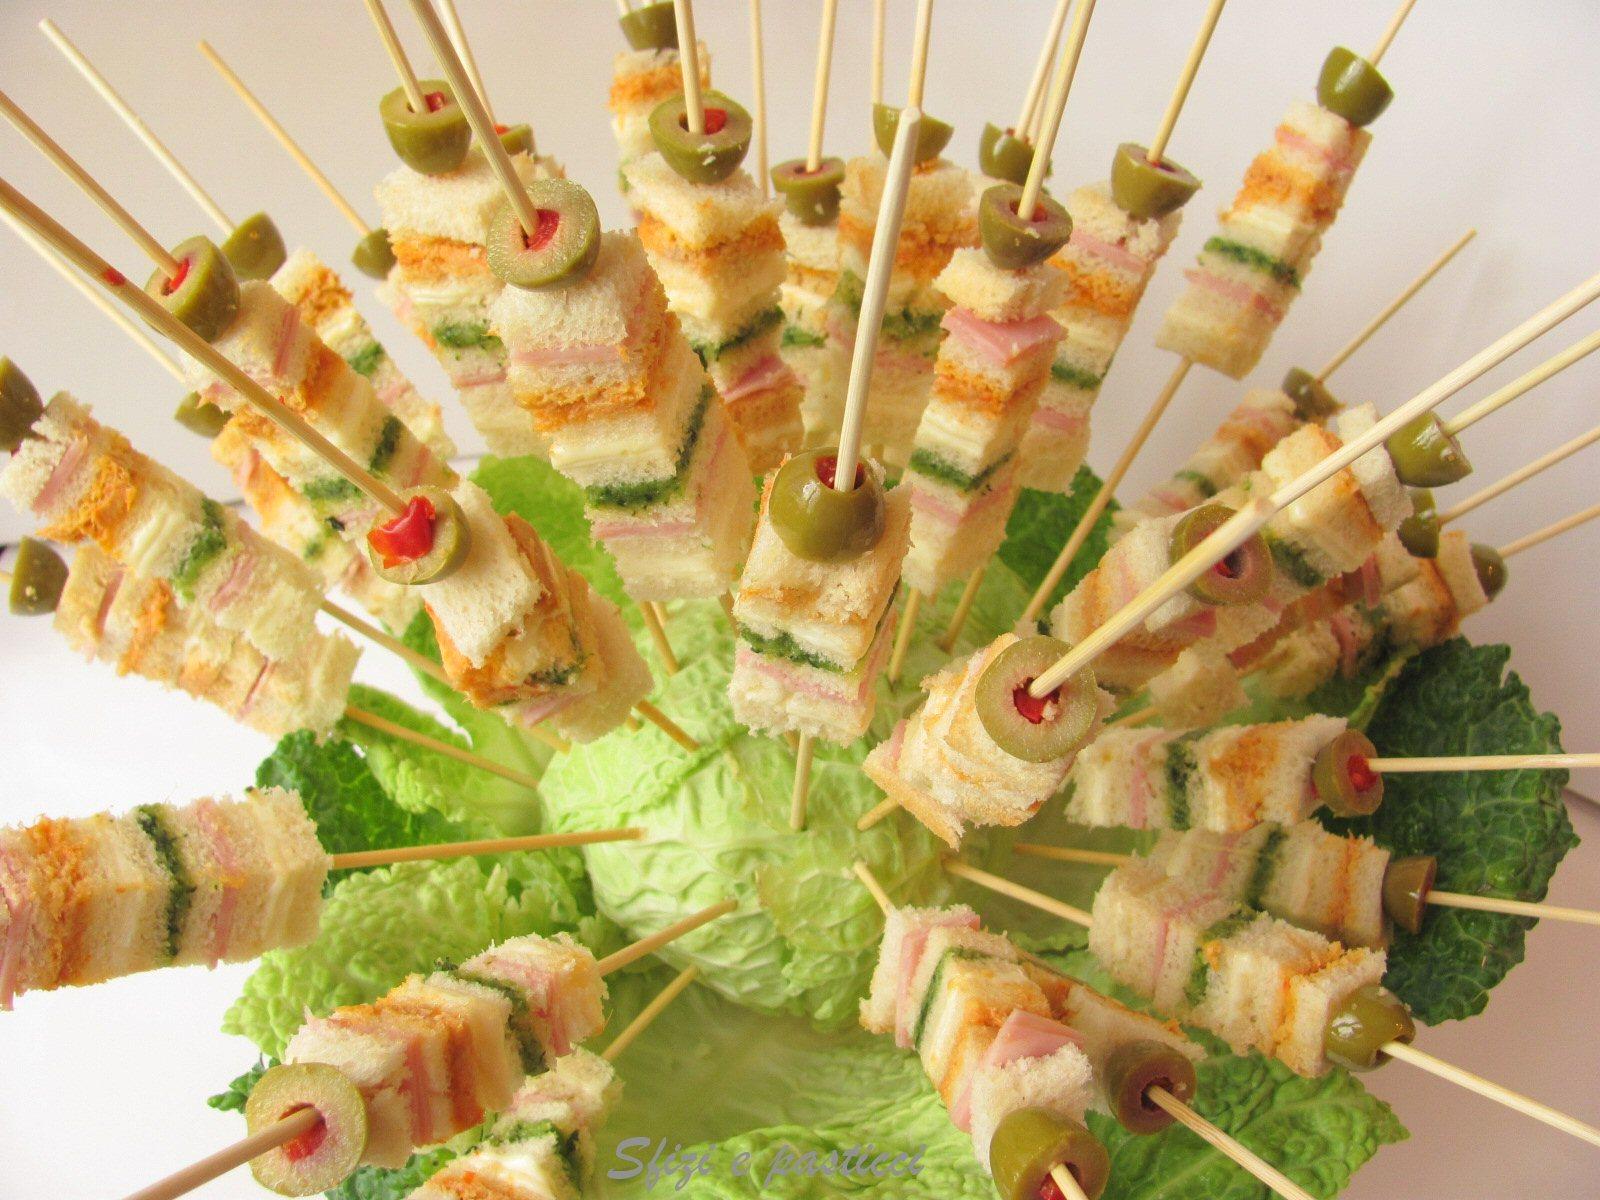 Sfizi e pasticci spiedini di tartine - Idee per un aperitivo in casa ...